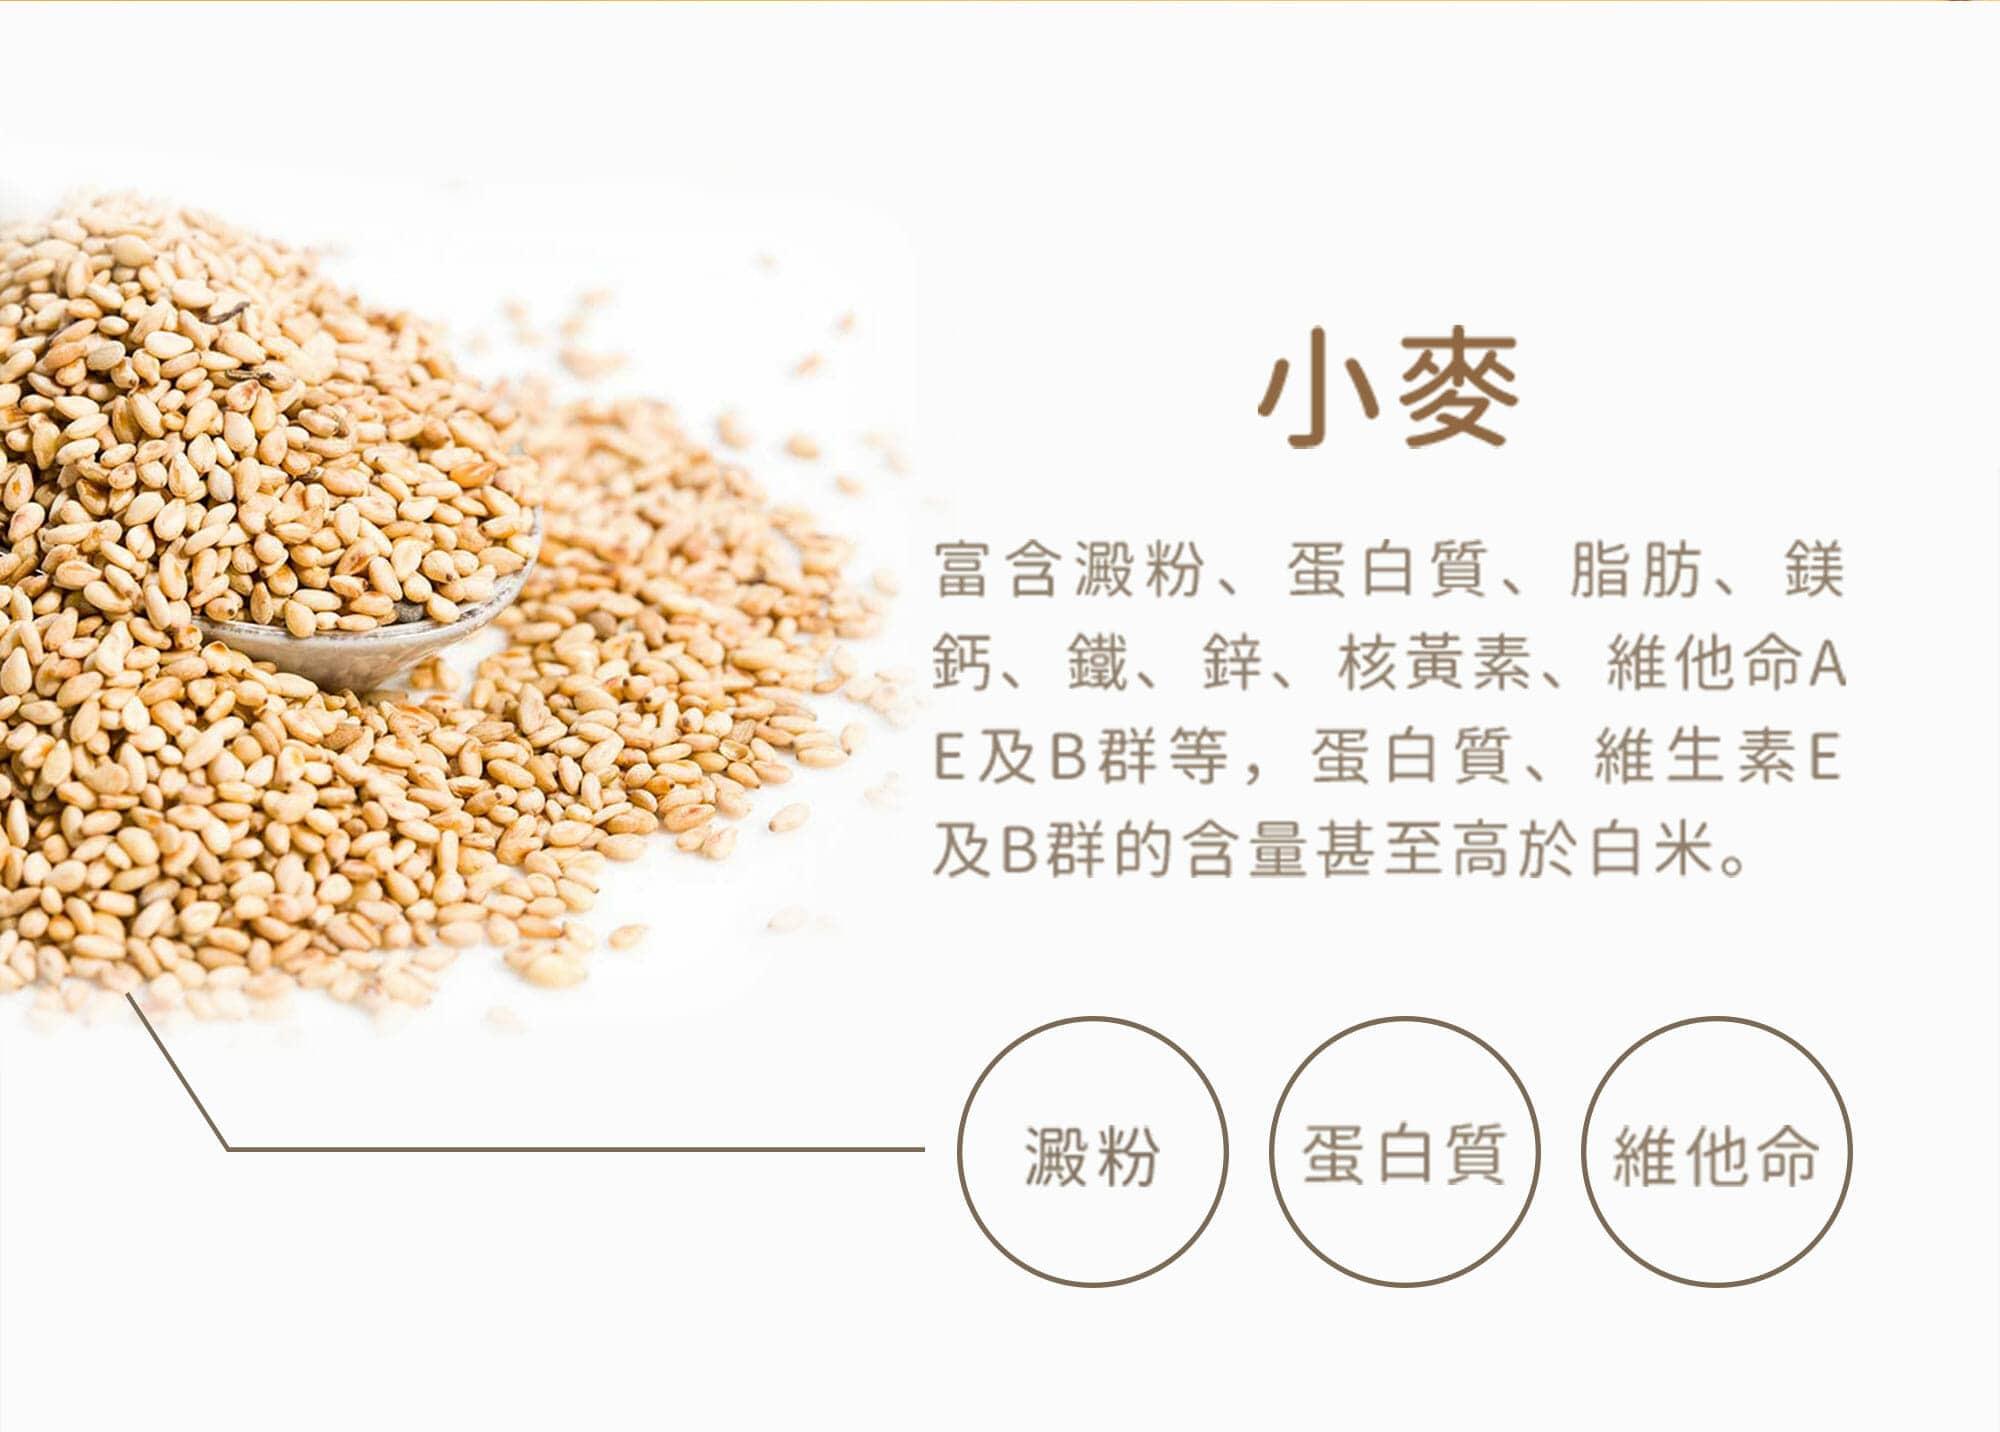 小麥富含澱粉、蛋白質、脂肪、鎂、鈣、鐵、鋅、核黃素、維他命A、E、B群,蛋白質與維生素E及B群鎮甚至高於白米